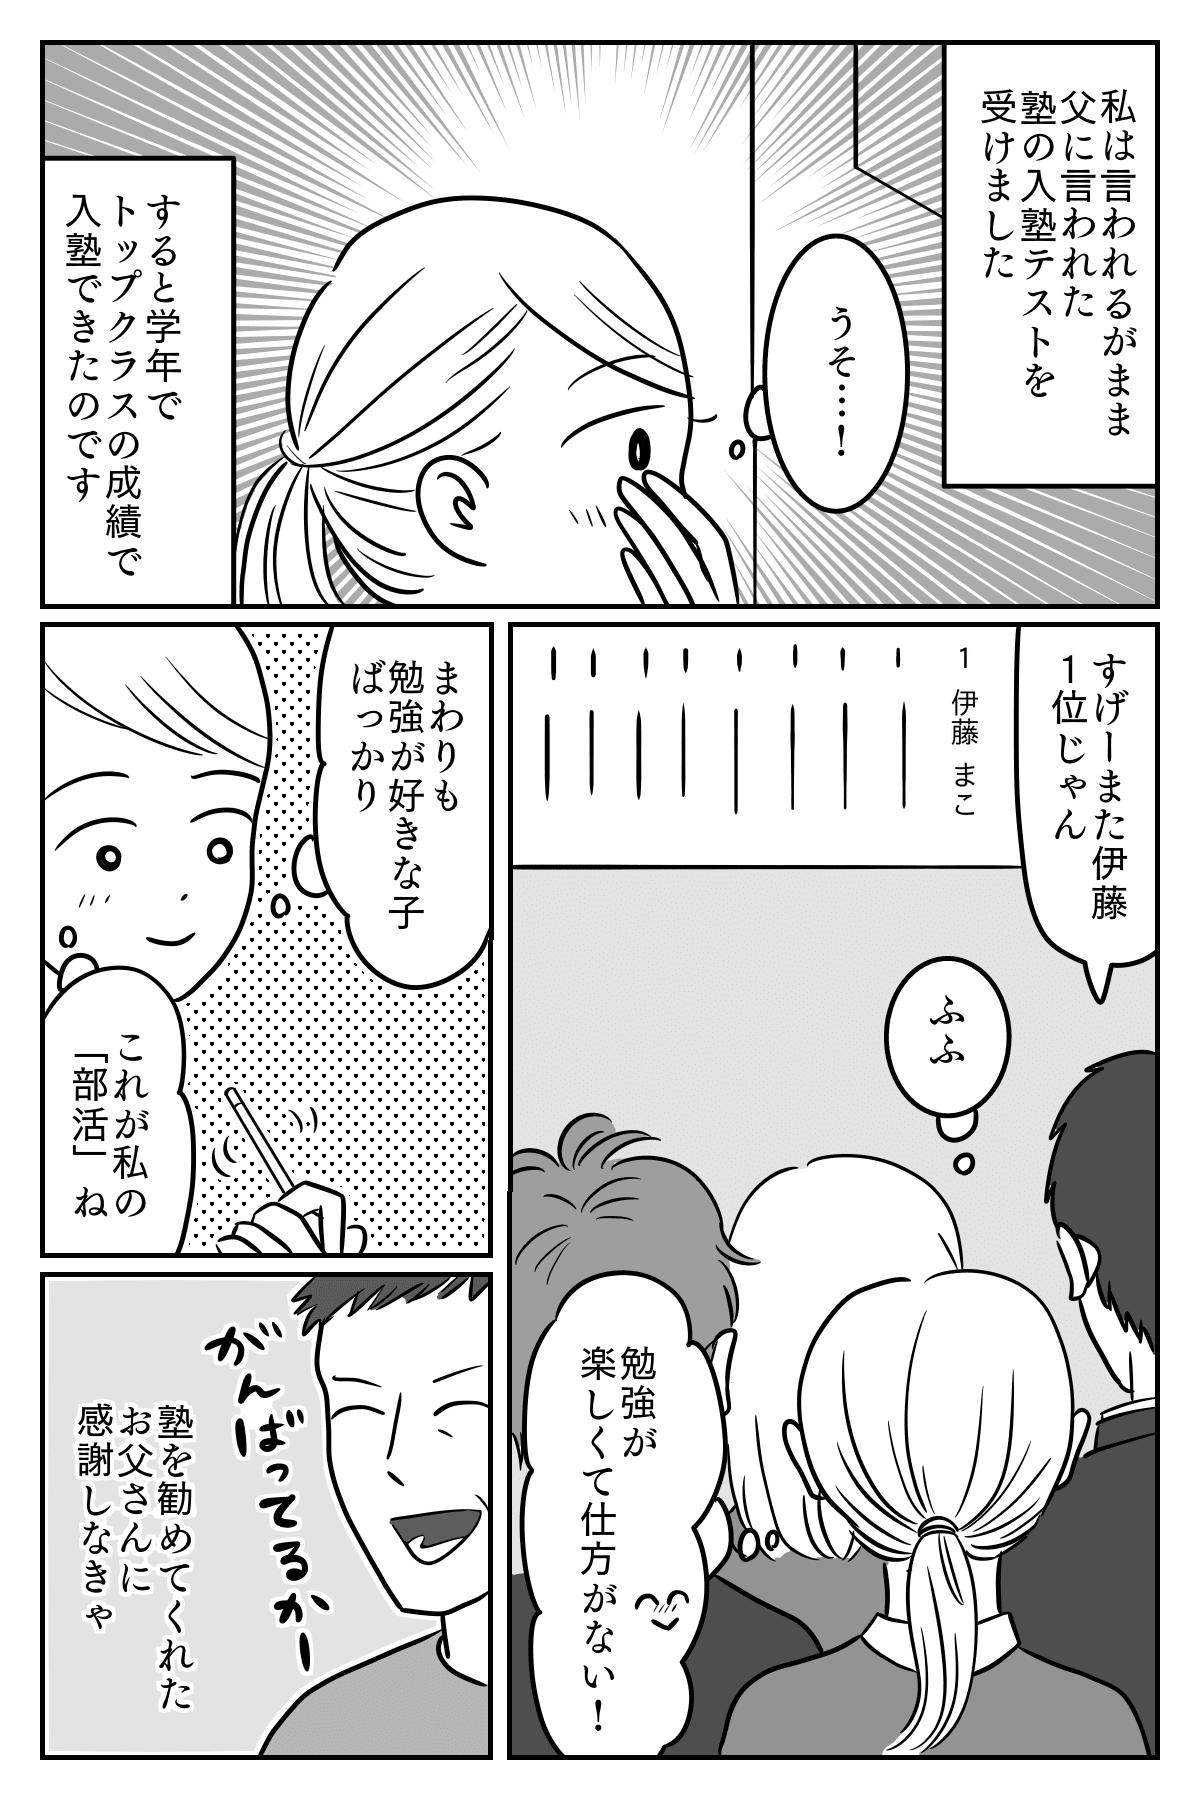 【前編】大学受験に落ちた私!